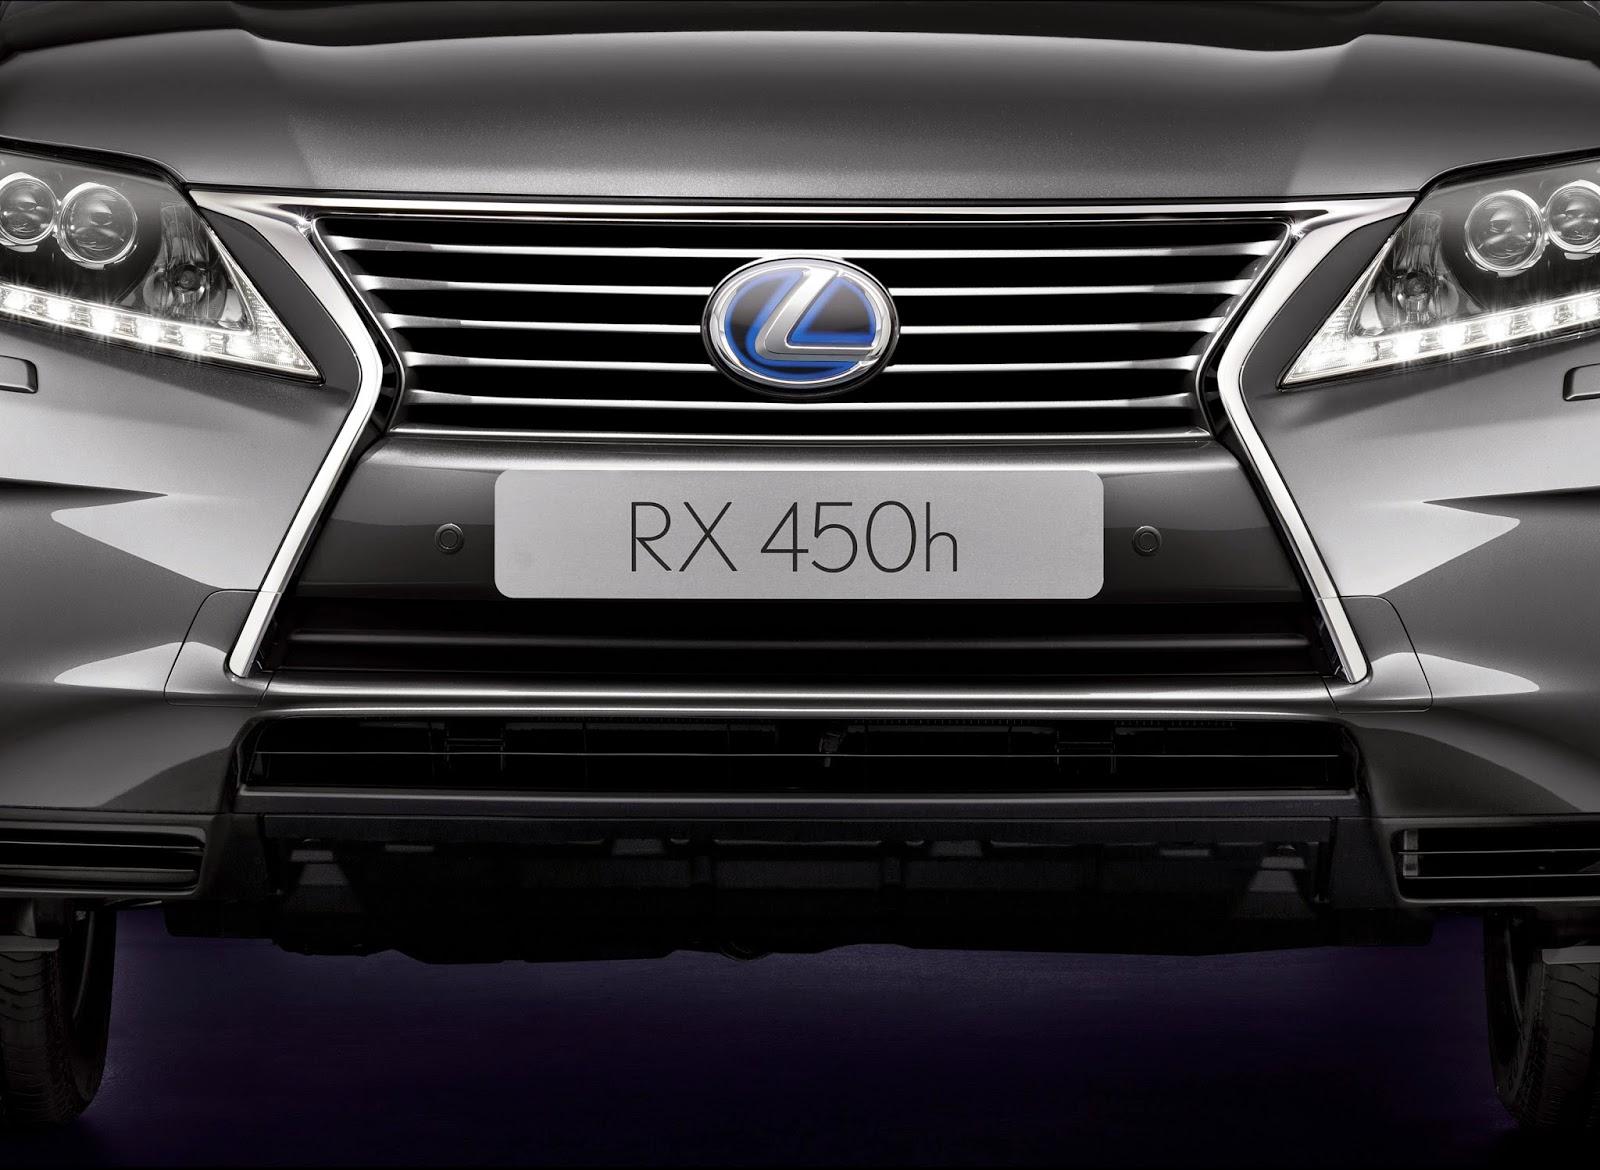 2015 Lexus RX 450h front detail